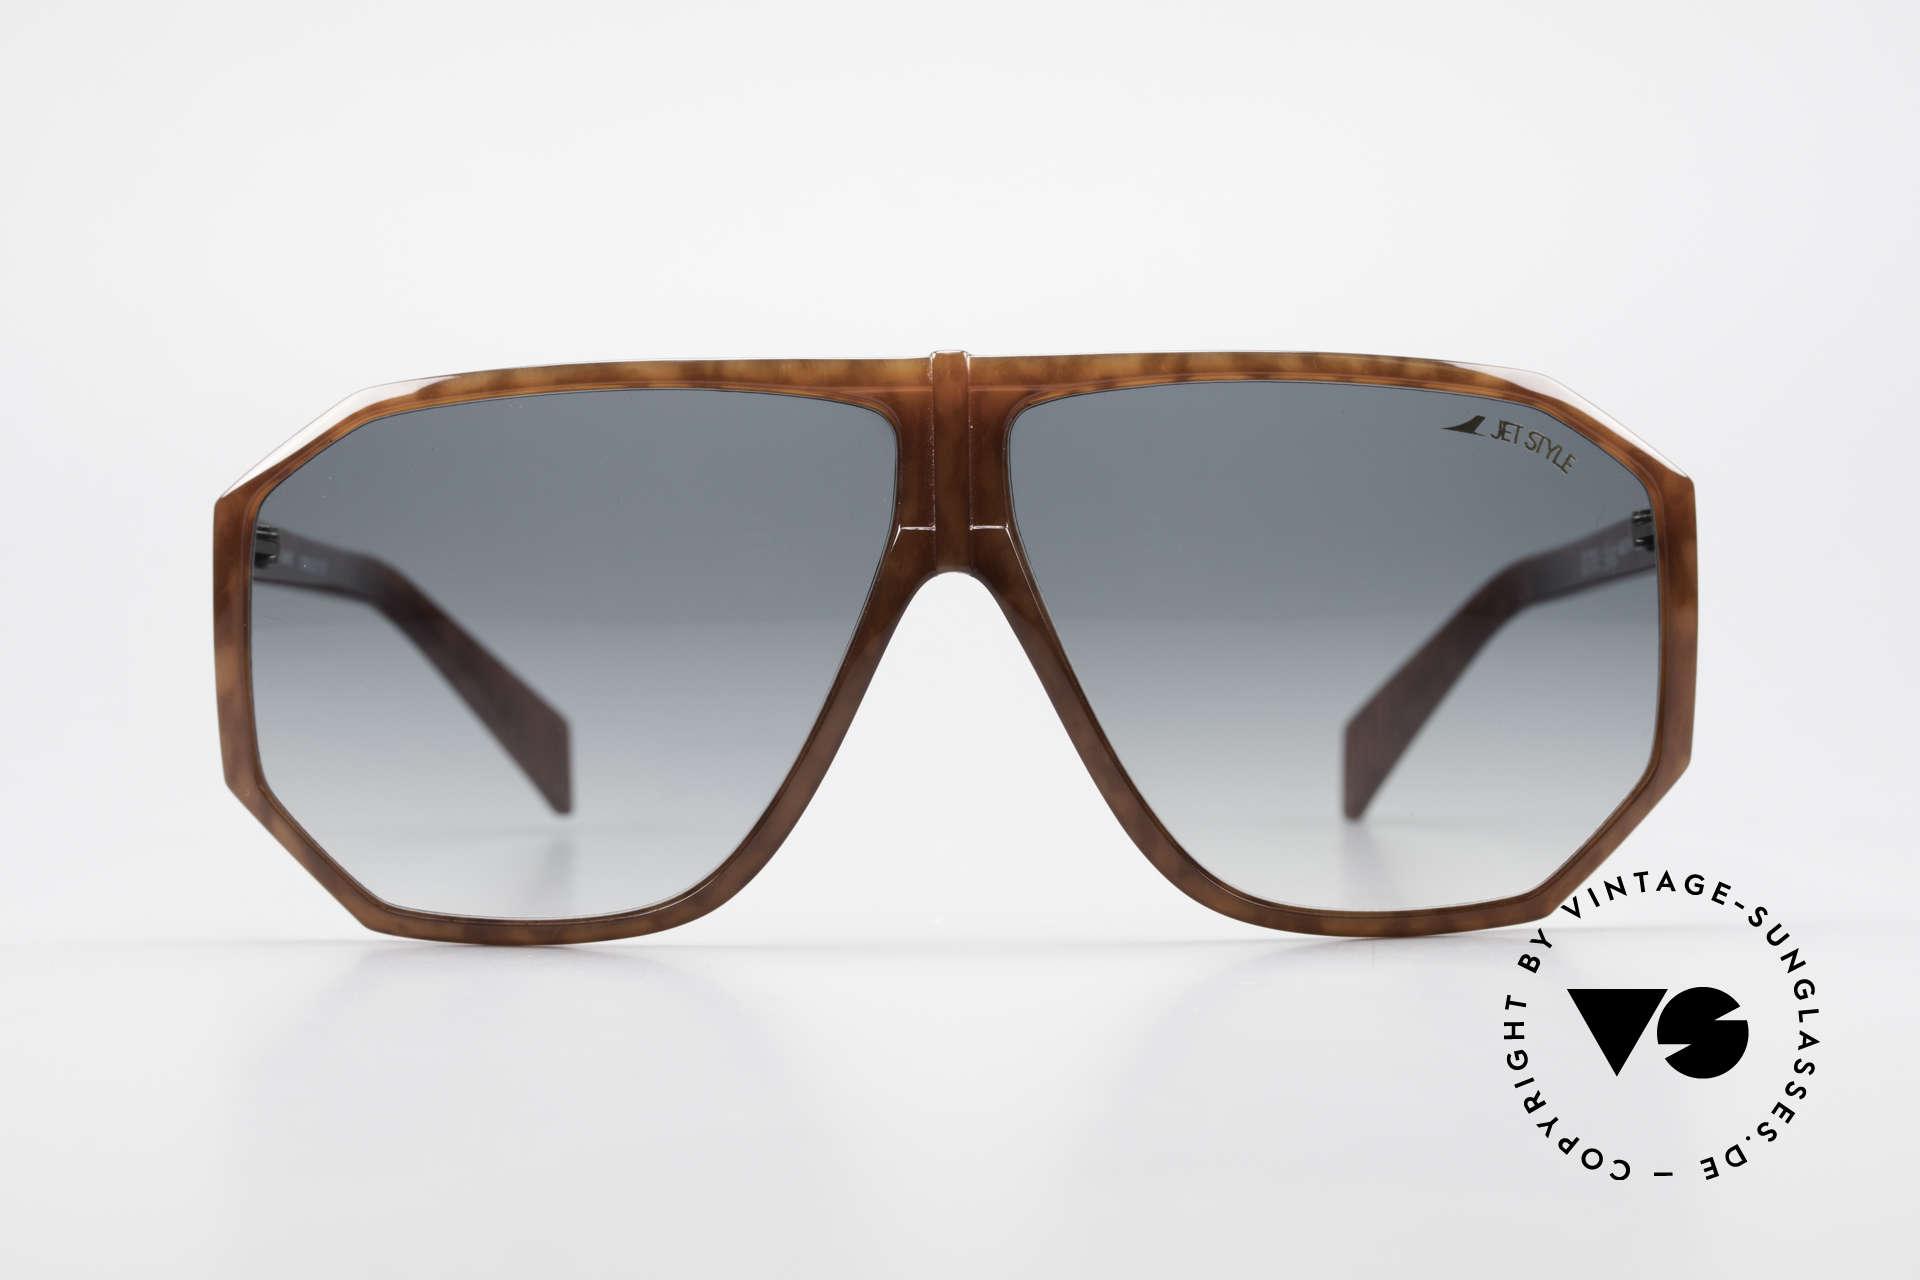 Silhouette M4019 JetStyle Aviator Sonnenbrille, kostbares Modell aus der legendären 'JetStyle-Serie', Passend für Herren